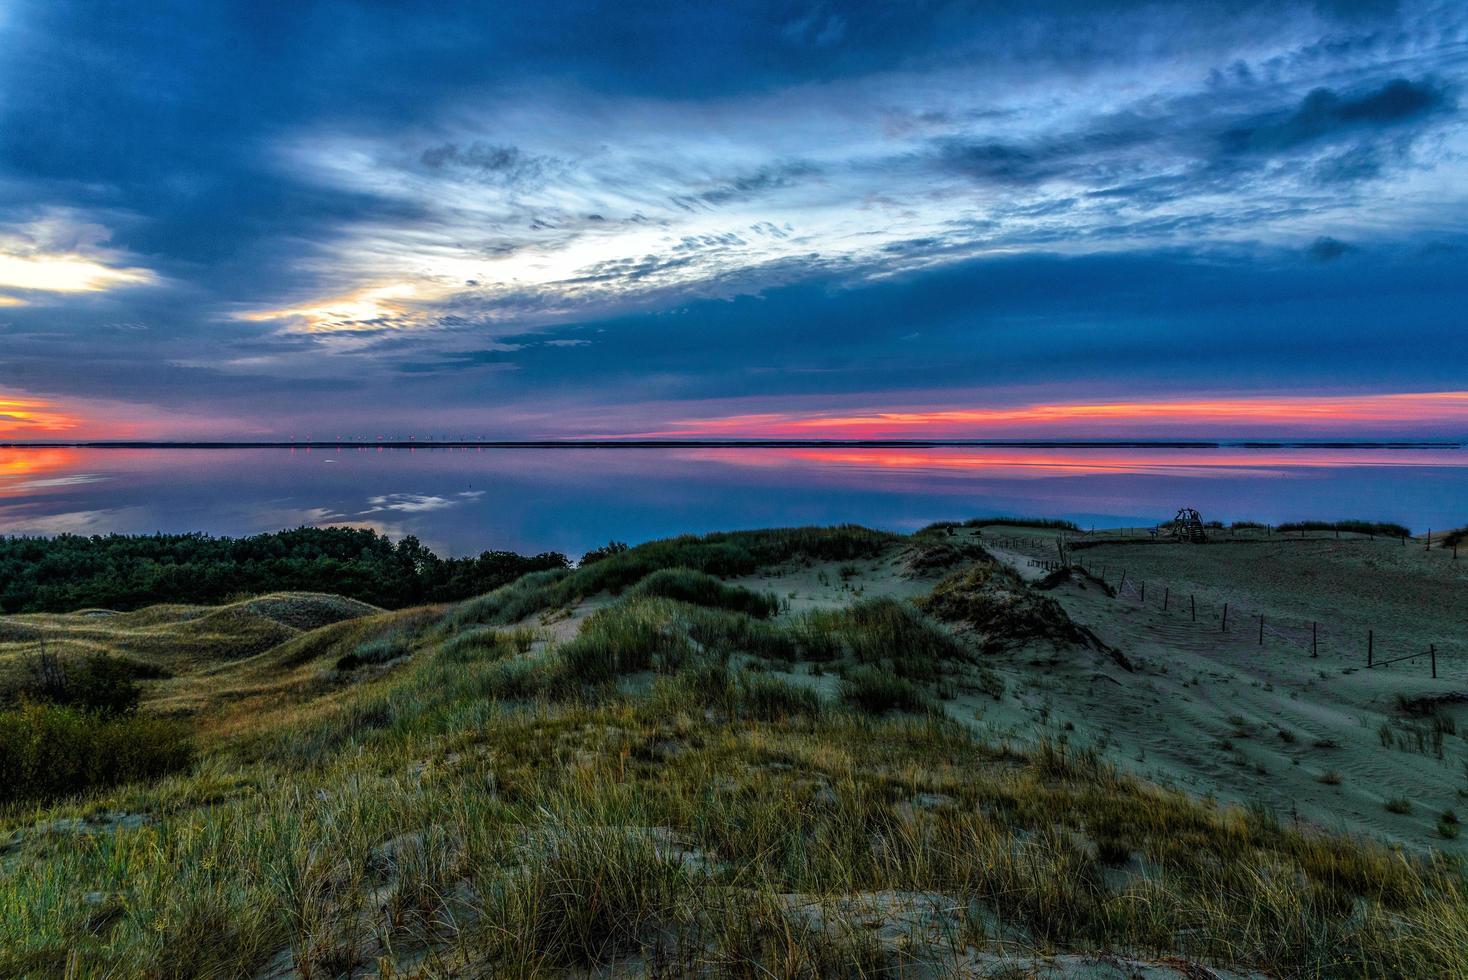 vattendrag och sanddyner under solnedgången foto